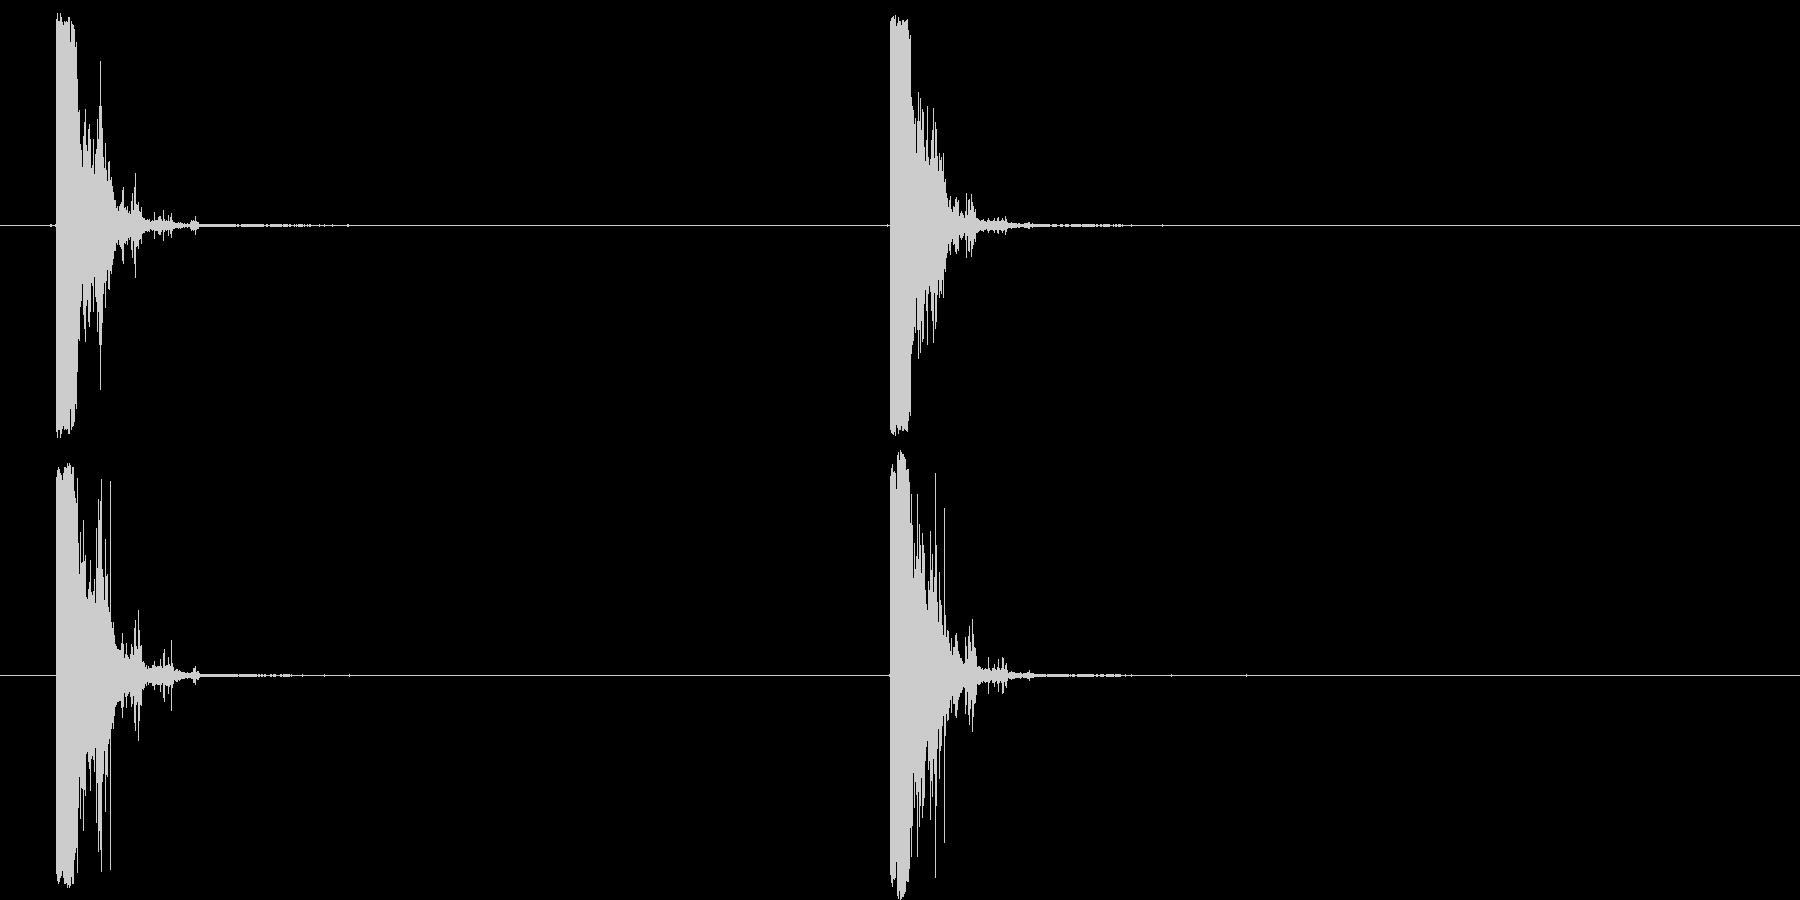 12ゲージショットガン:シングルシ...の未再生の波形